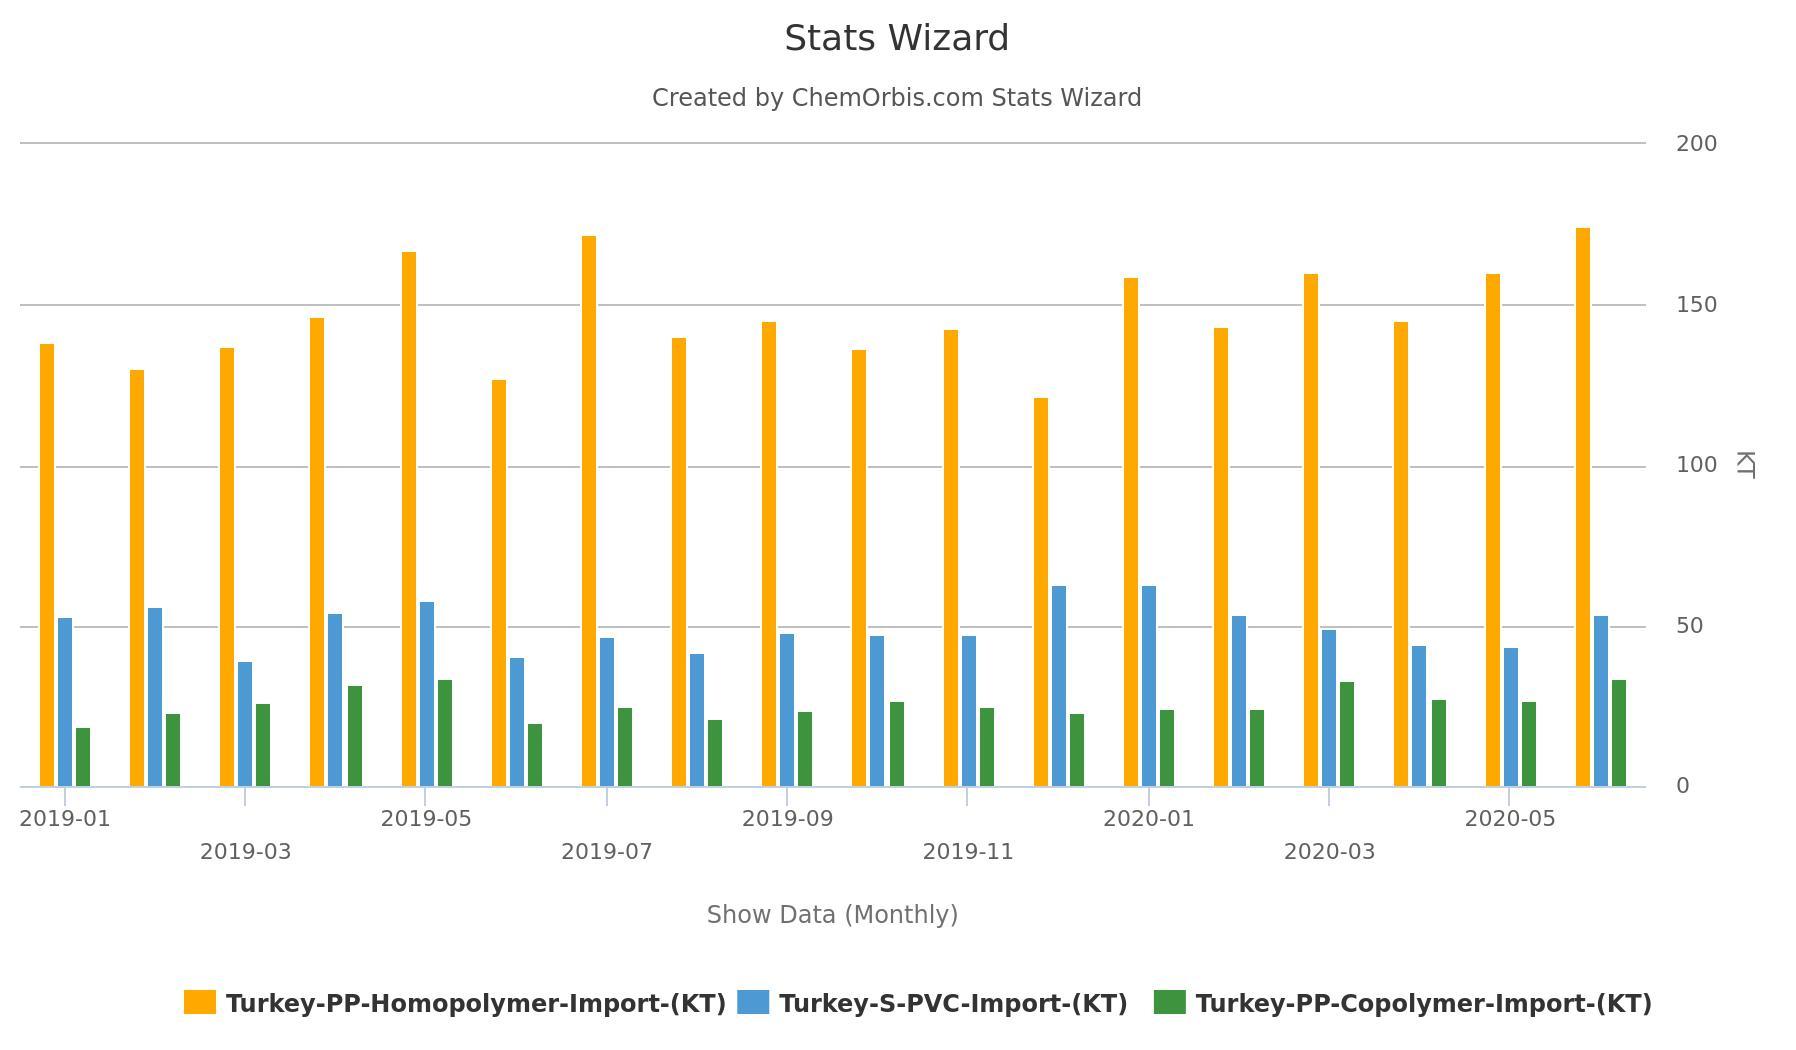 Thổ Nhĩ Kỳ nhập khẩu copolyme PP đạt khối lượng nửa đầu năm cao nhất trong 7 năm - Thổ Nhĩ Kỳ nhập khẩu polymer